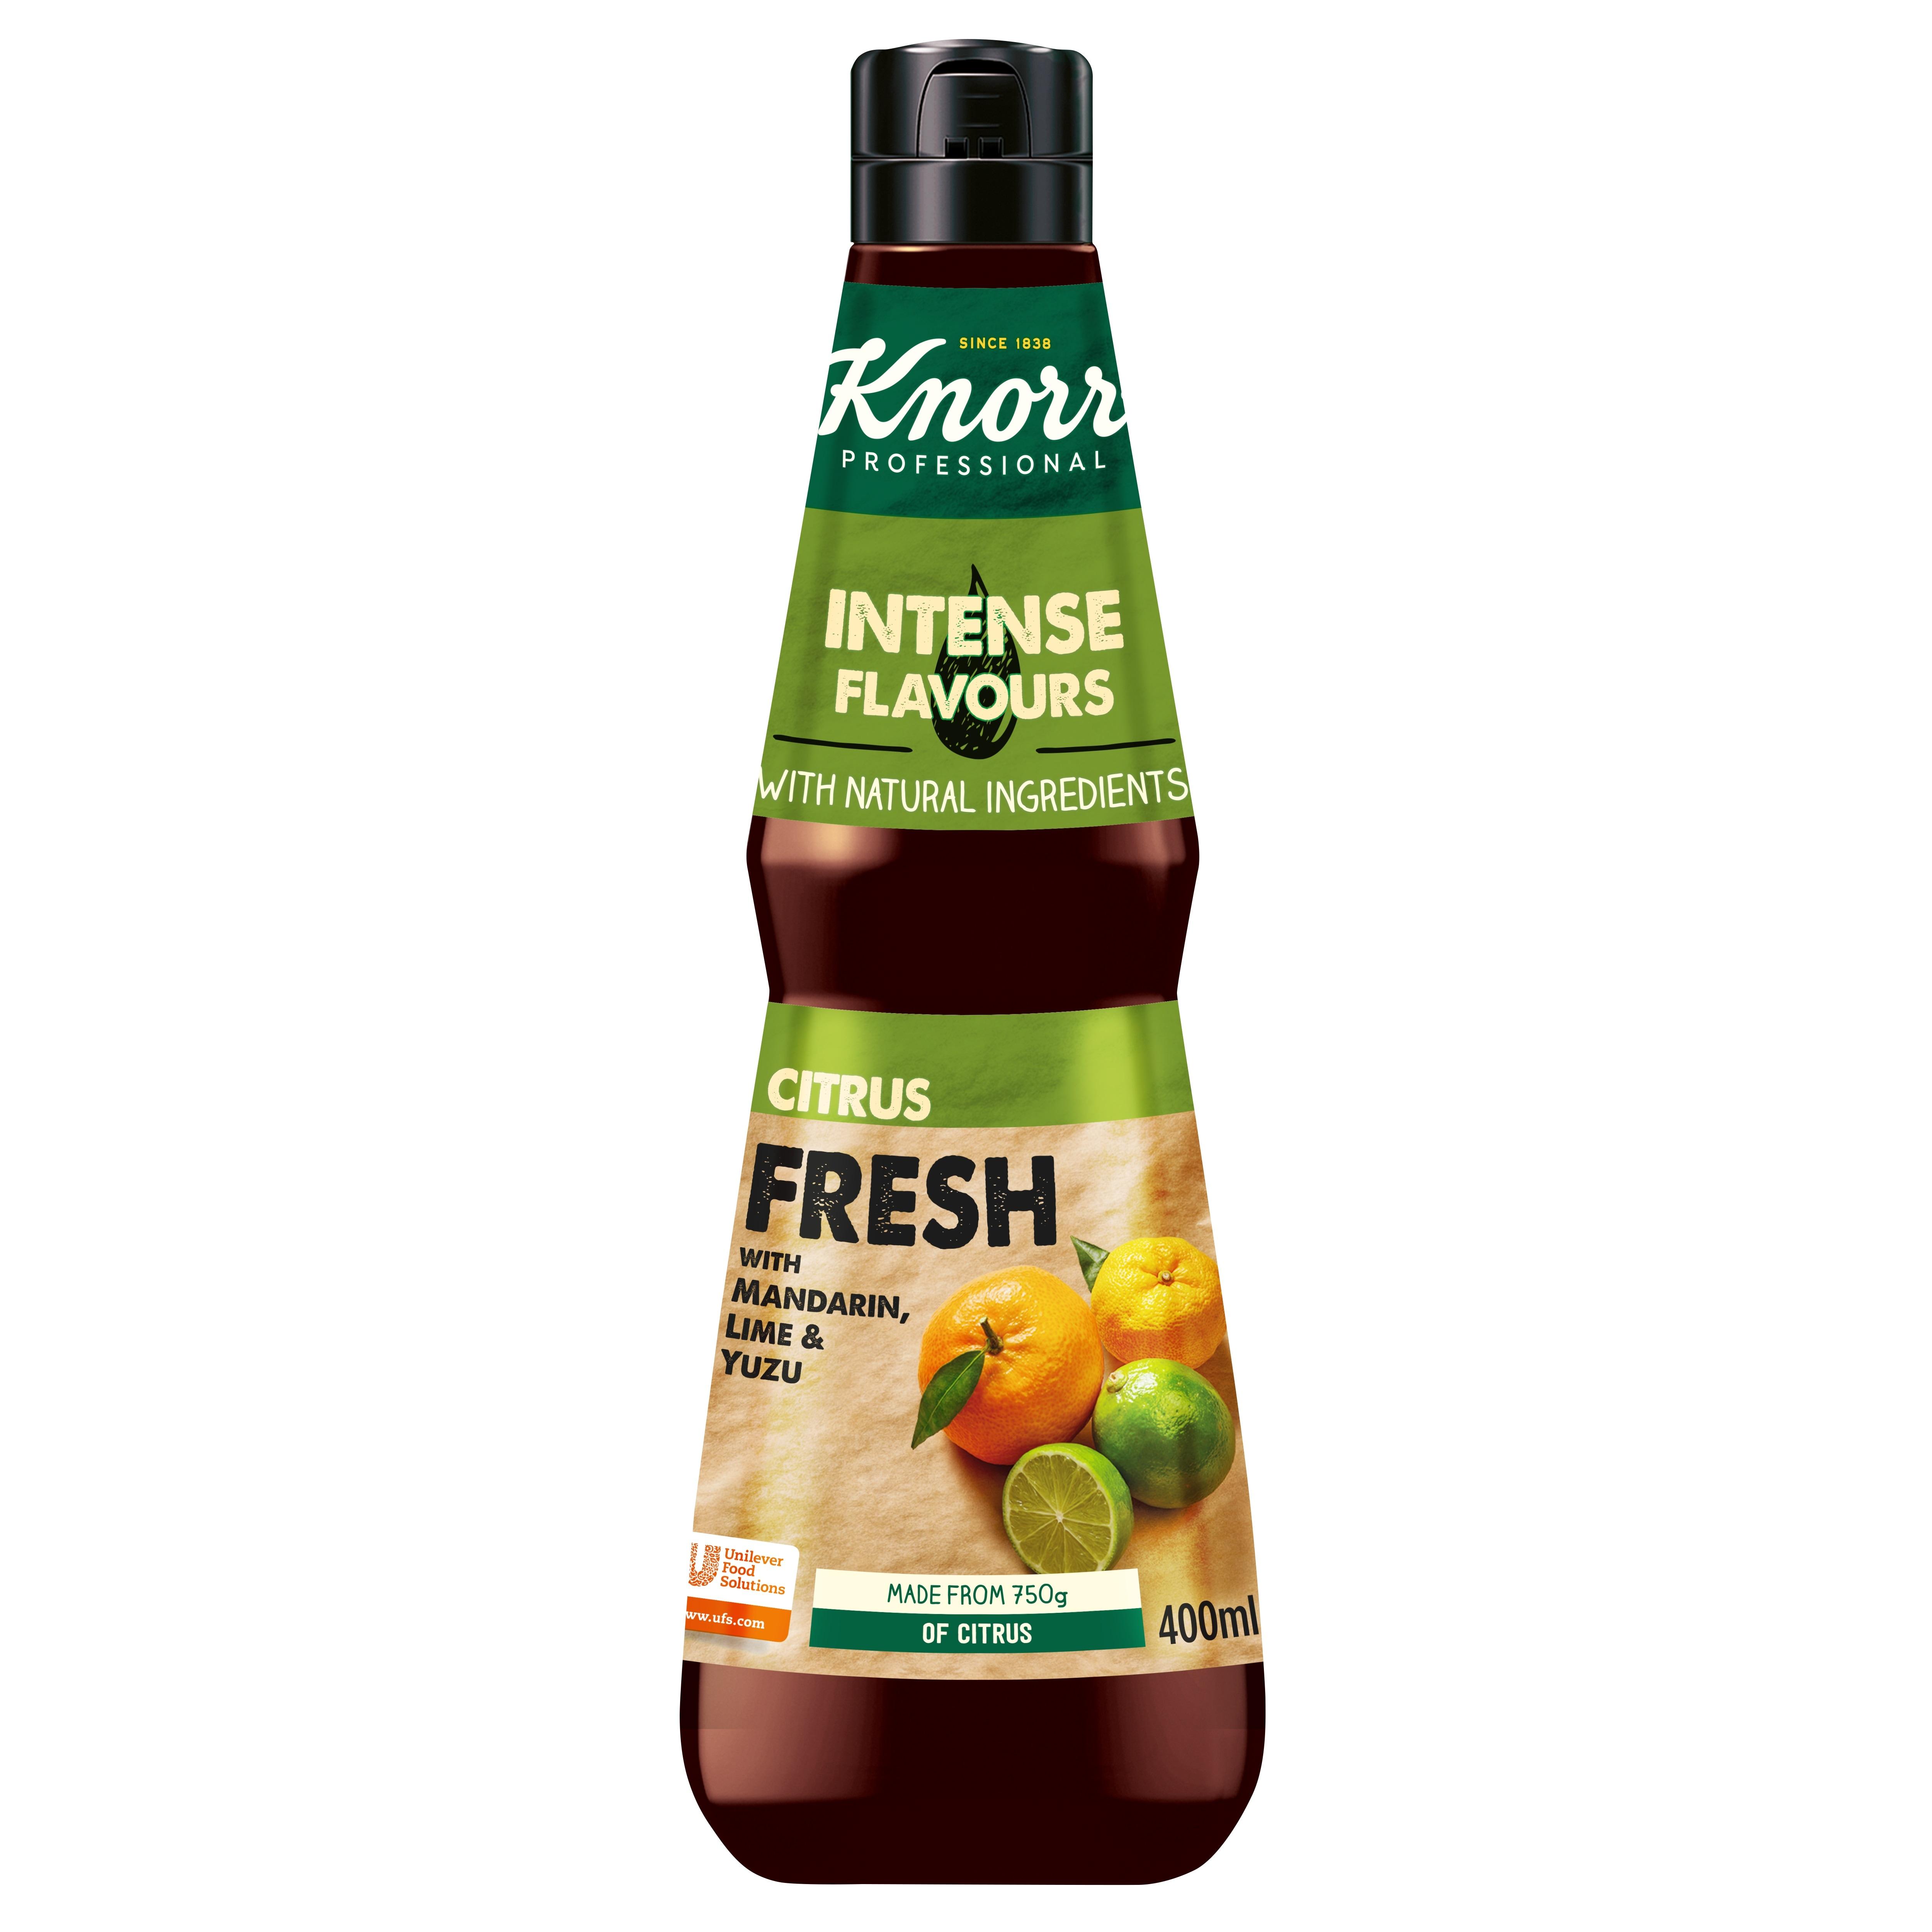 Knorr Snaga okusa - Citrus Fresh - Uzbudljivi sastojci  za fuziju okusa uhvaćeni u boci.